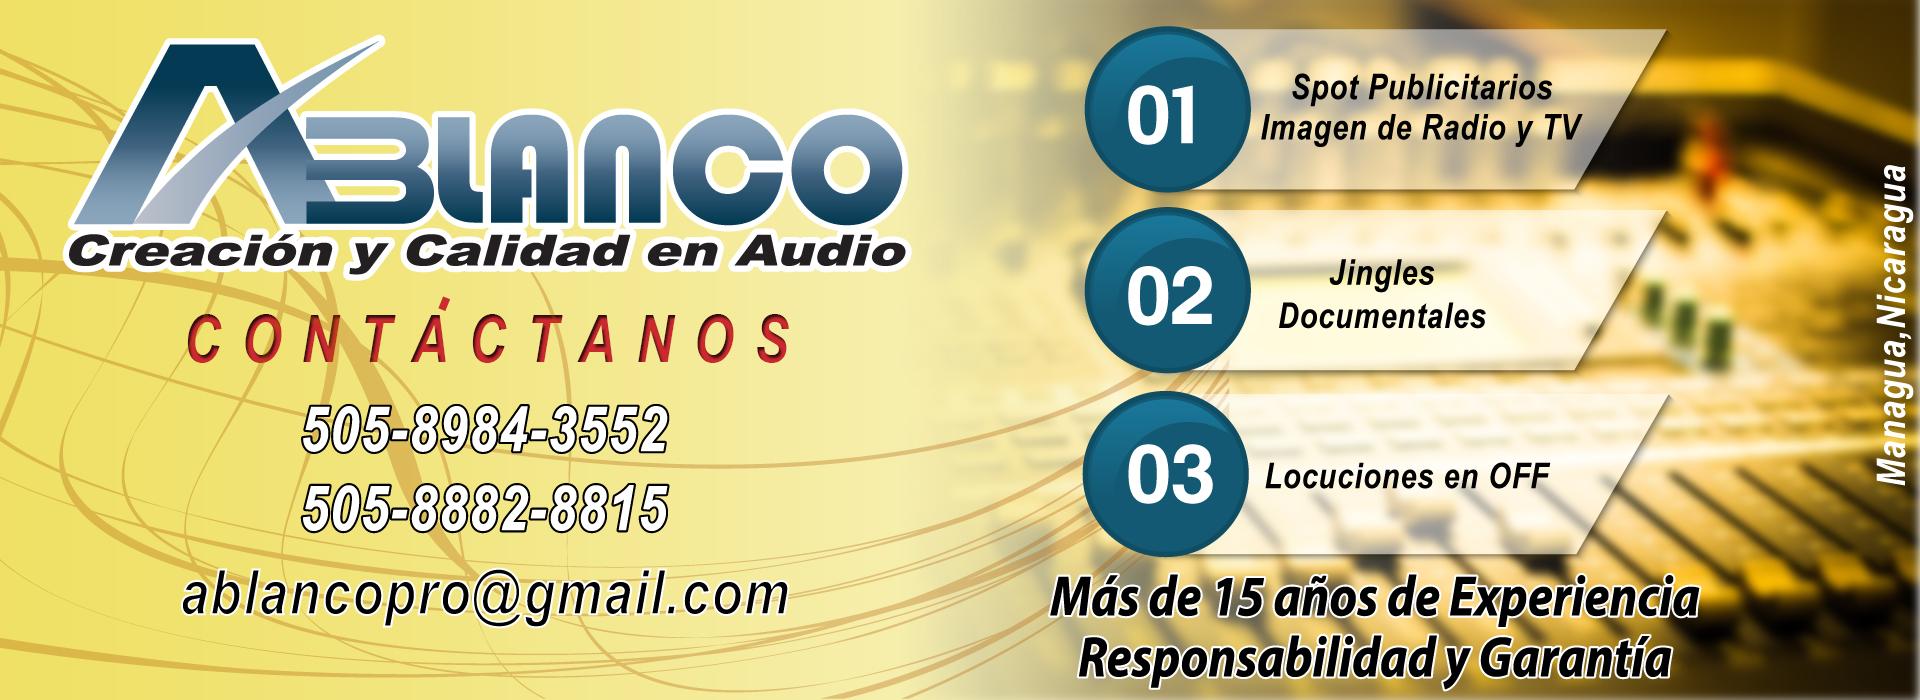 Banner-ABLANCO-facebook-y-Web